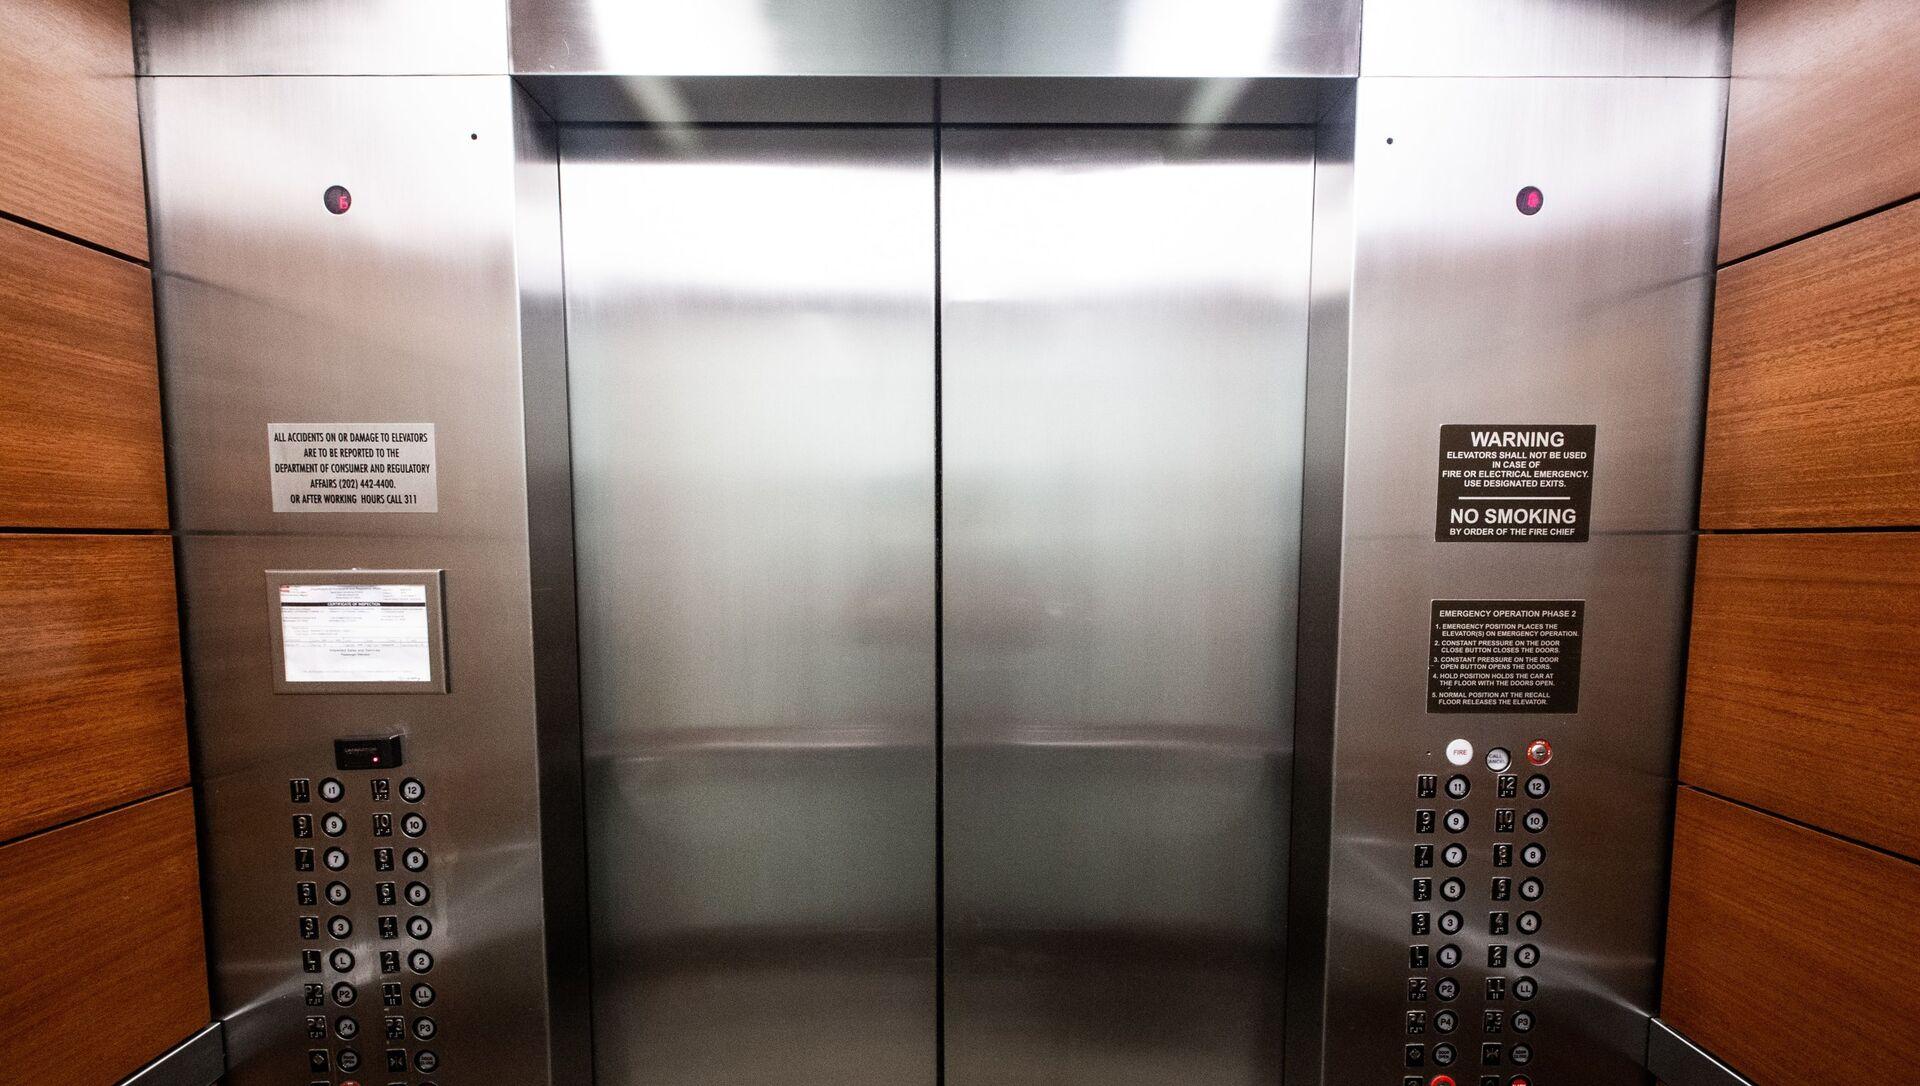 Un ascensor - Sputnik Mundo, 1920, 02.02.2021